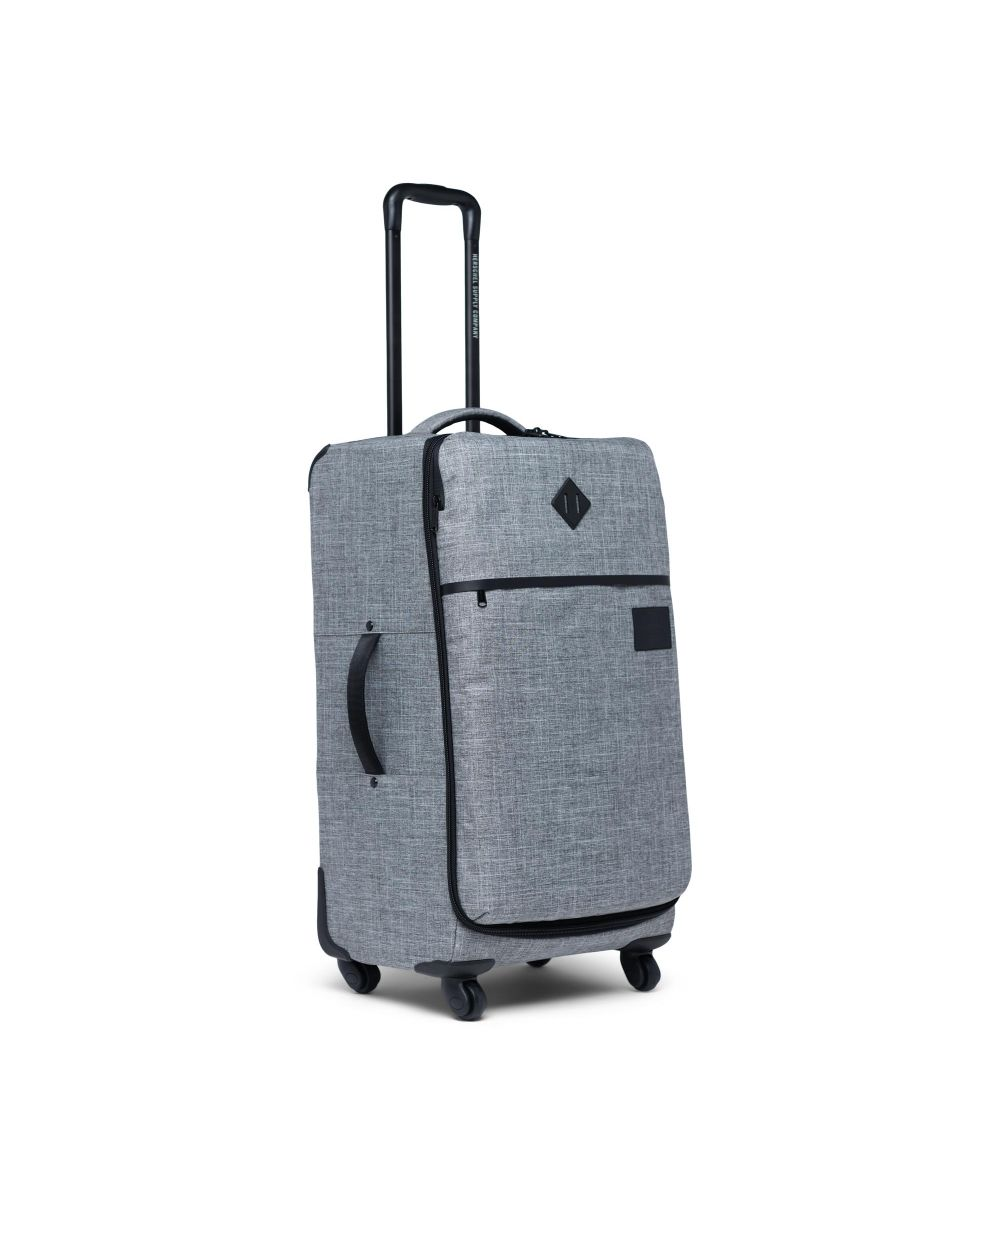 Herschel highland luggage medium in grey